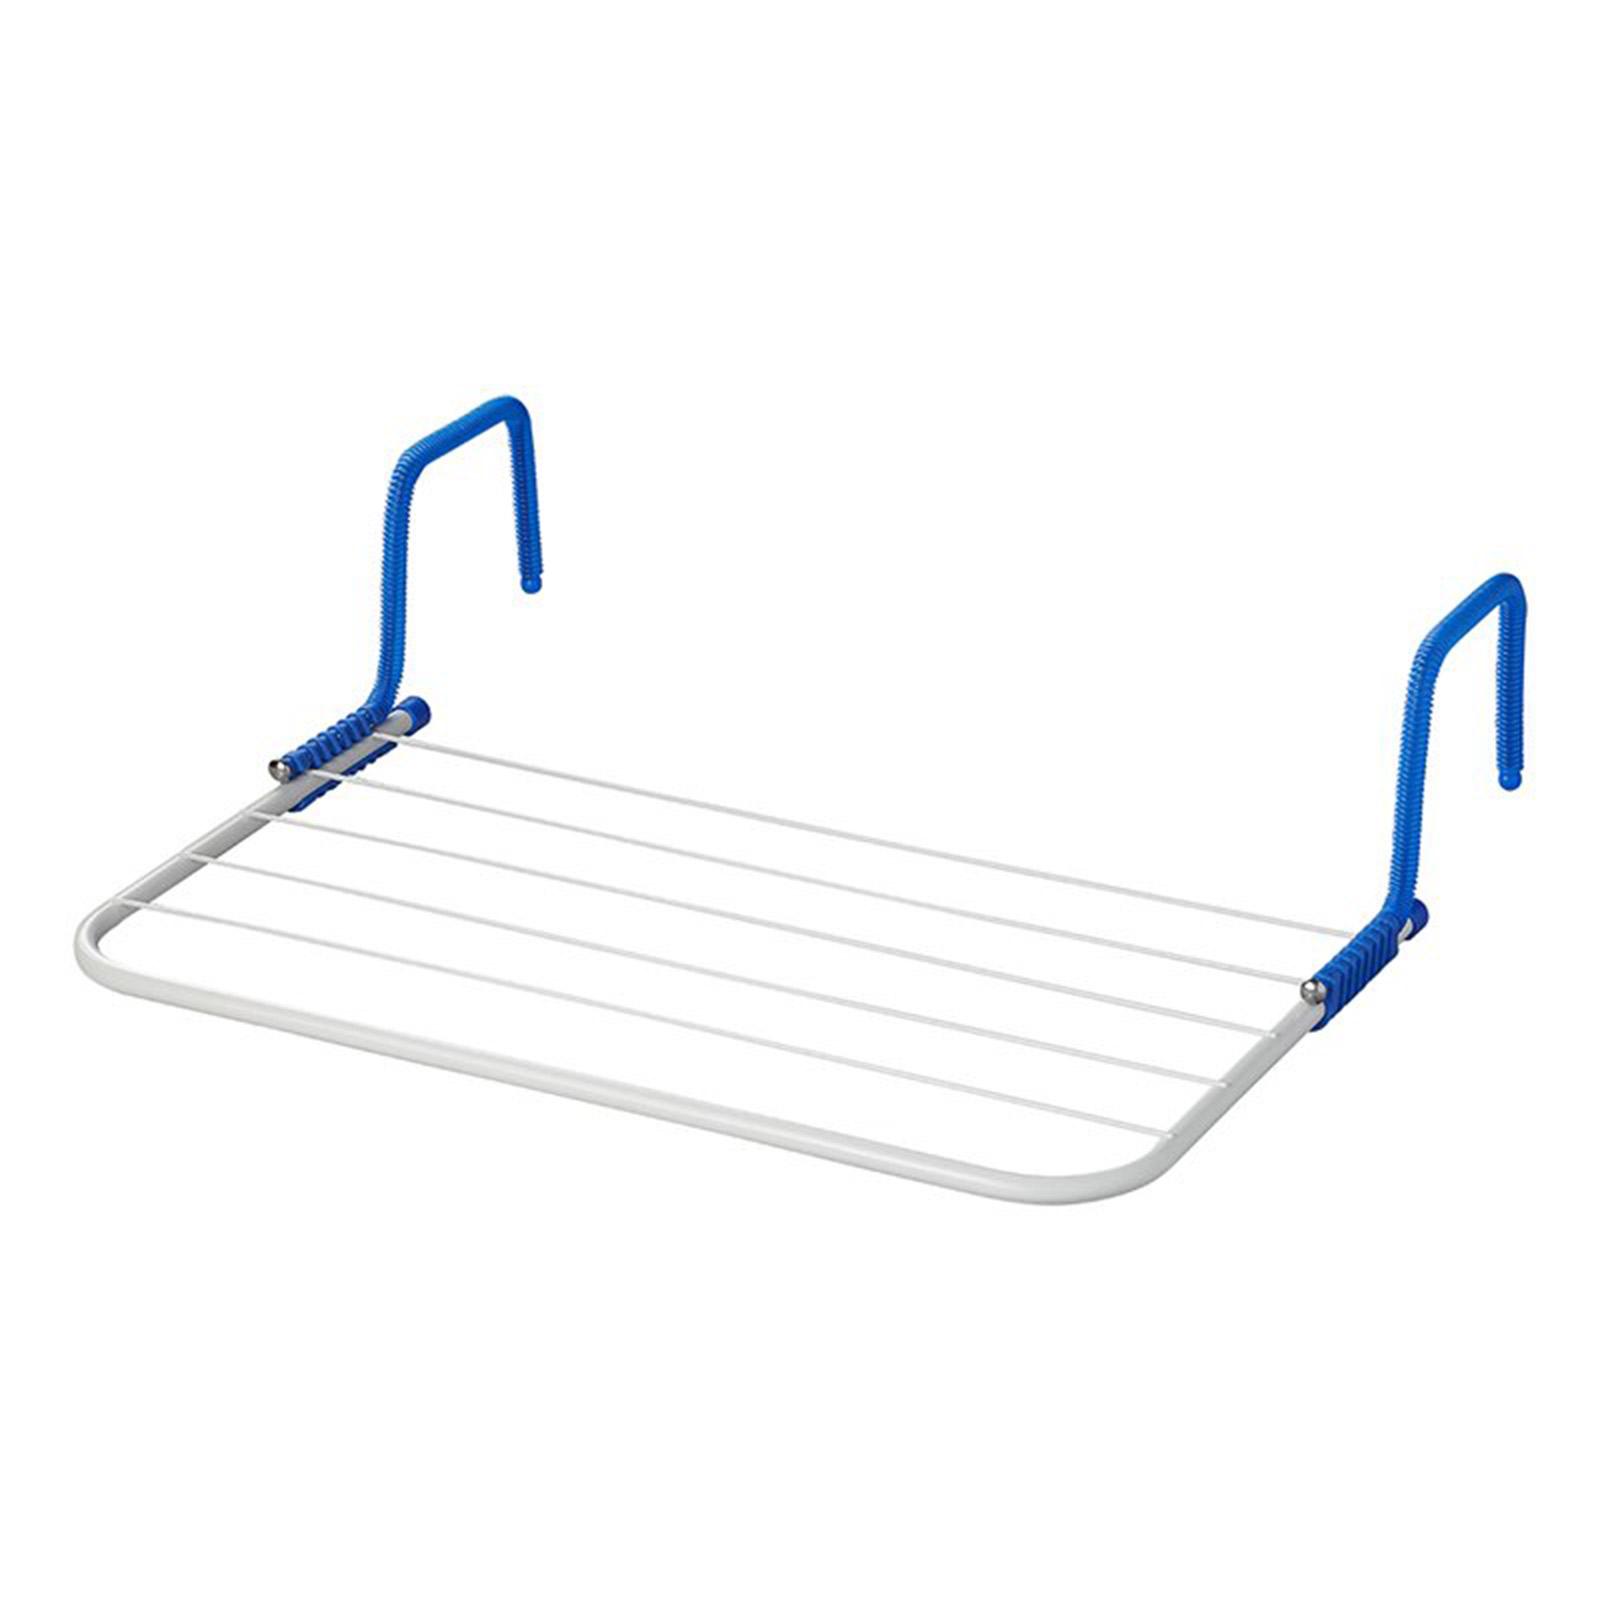 Wäschetrockner | faltbar | Fensterbefestigung | 3m Leinenlänge | Wäschespinne